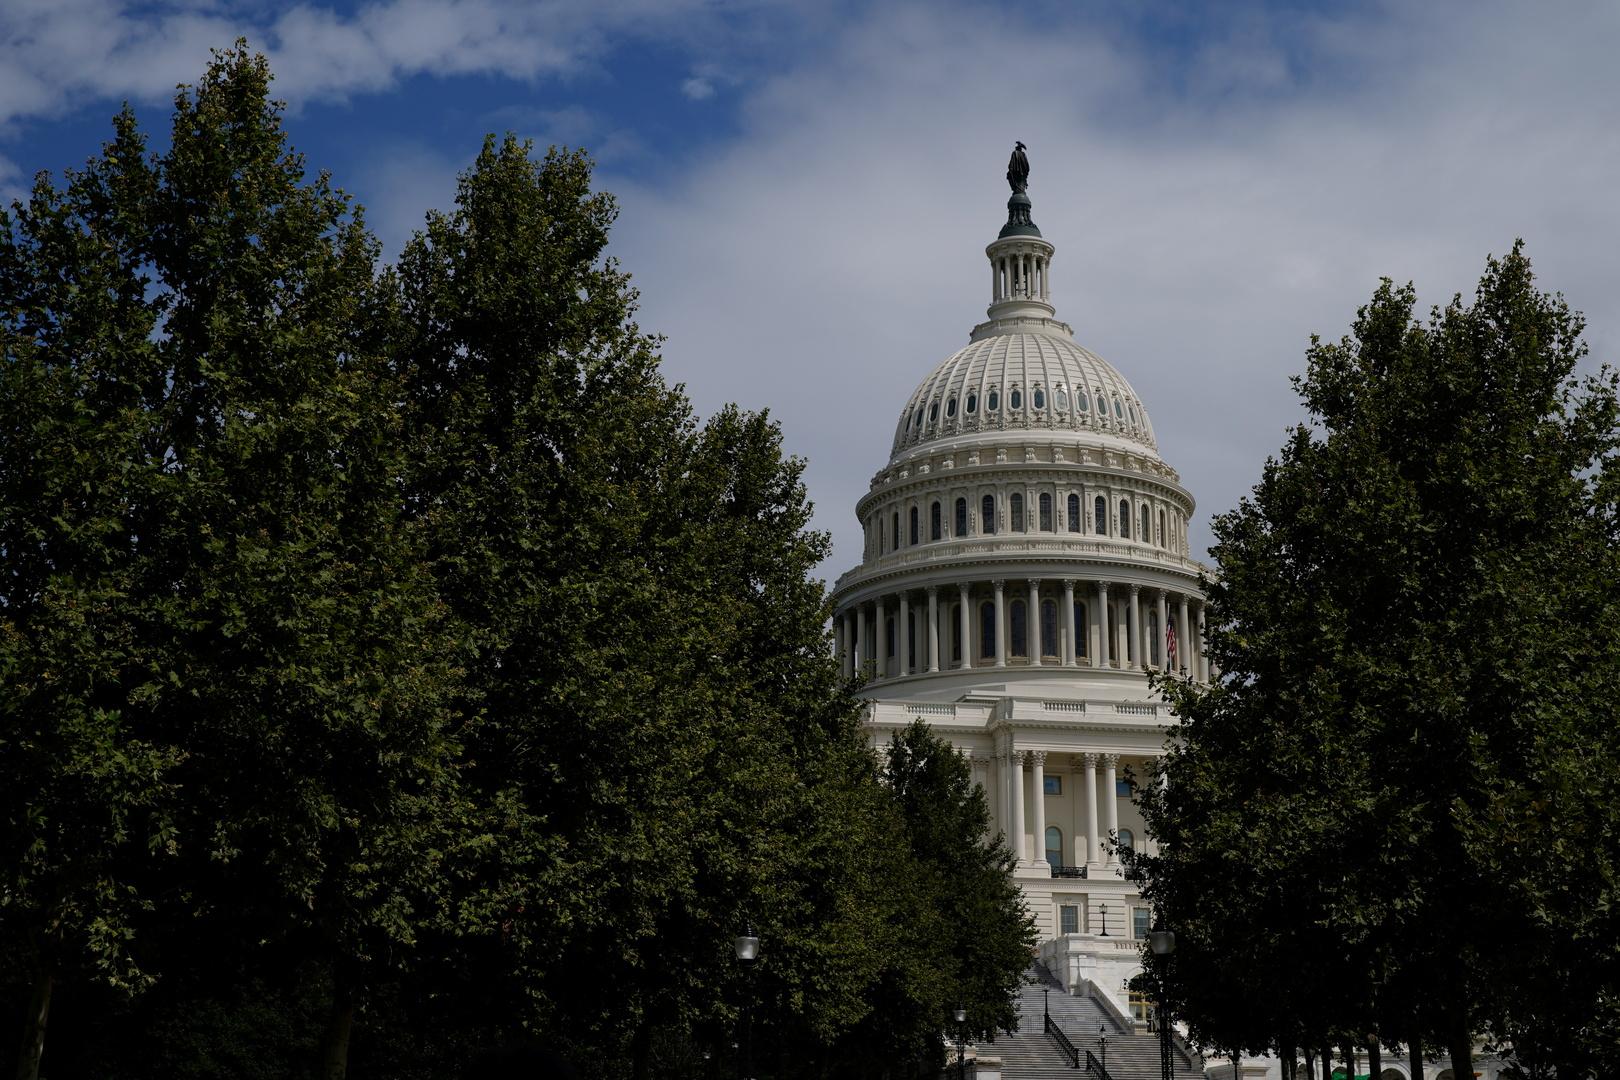 مجلس النواب الأمريكي يوافق على خطة ميزانية بقيمة 3.5 تريليون دولار